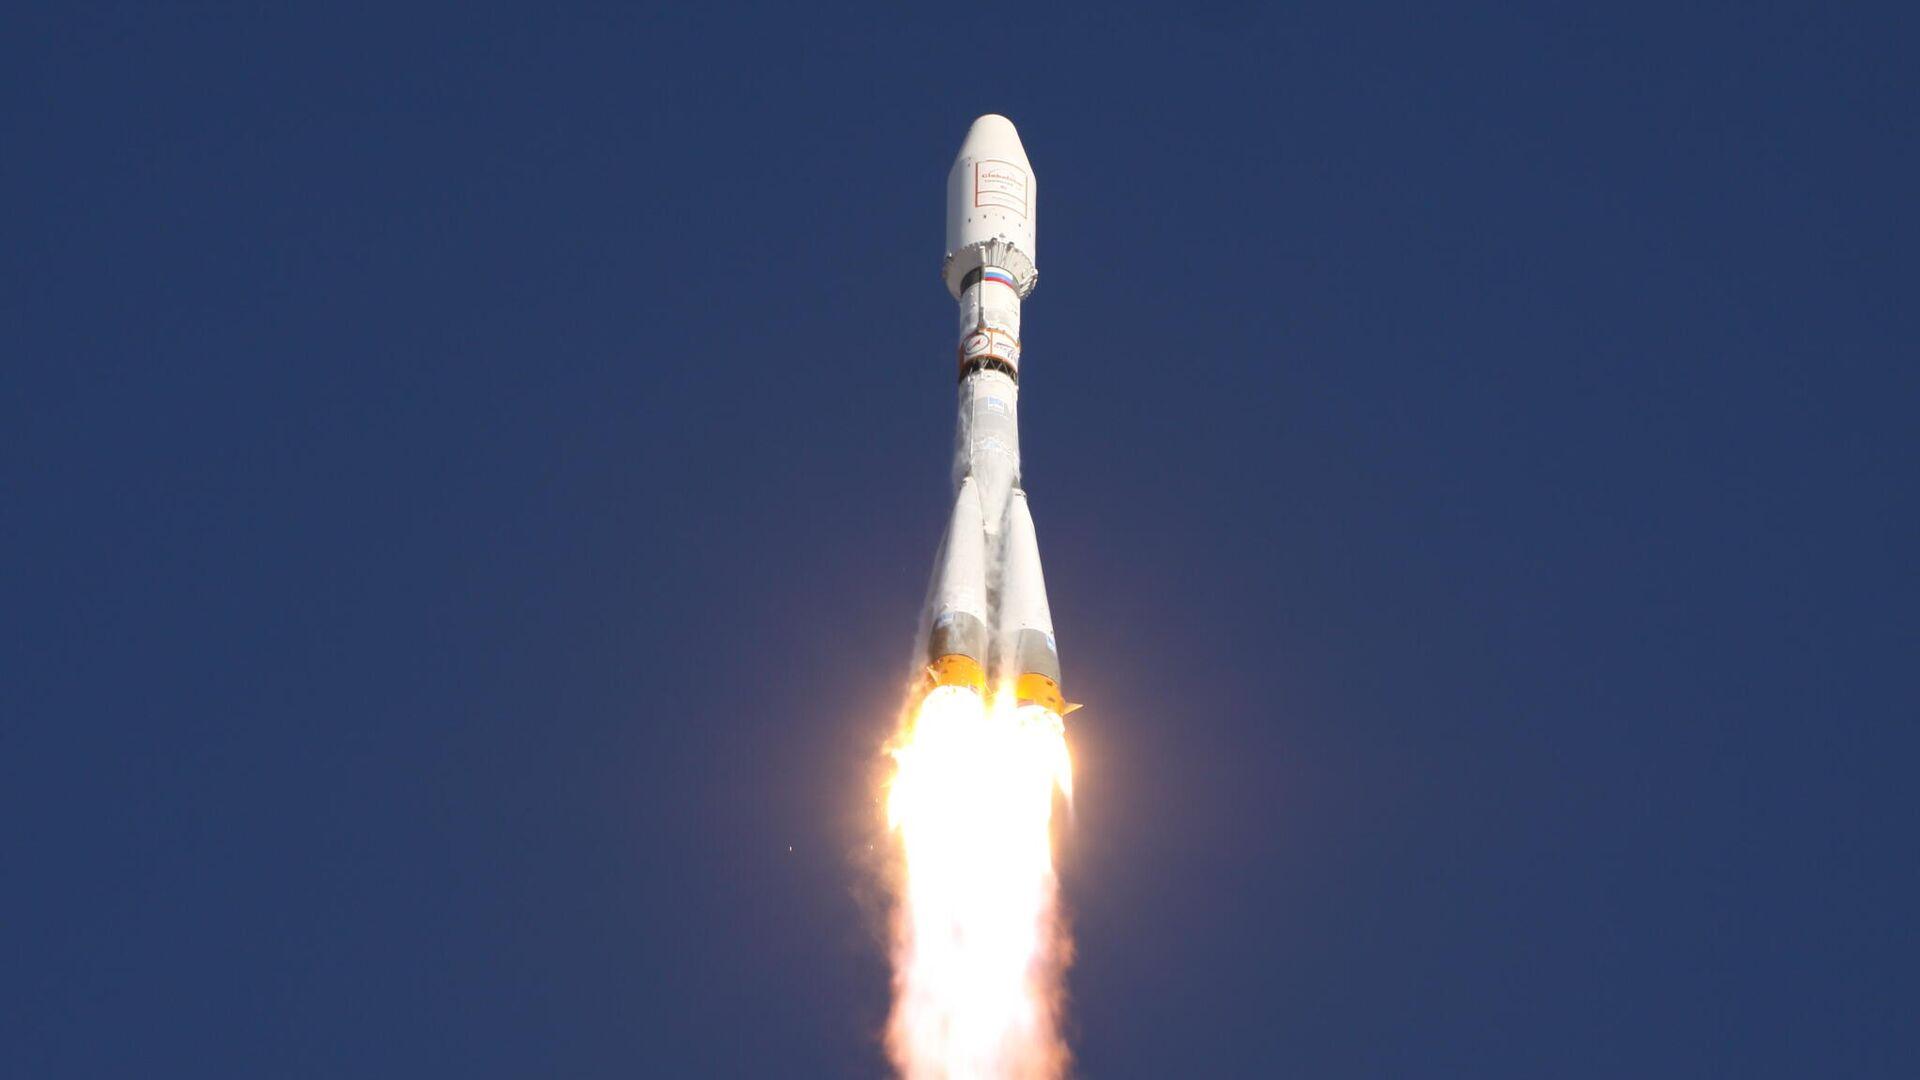 Пуск ракеты Союз-2.1а с разгонным блоком Фрегат. Июль 2011 - РИА Новости, 1920, 26.10.2020